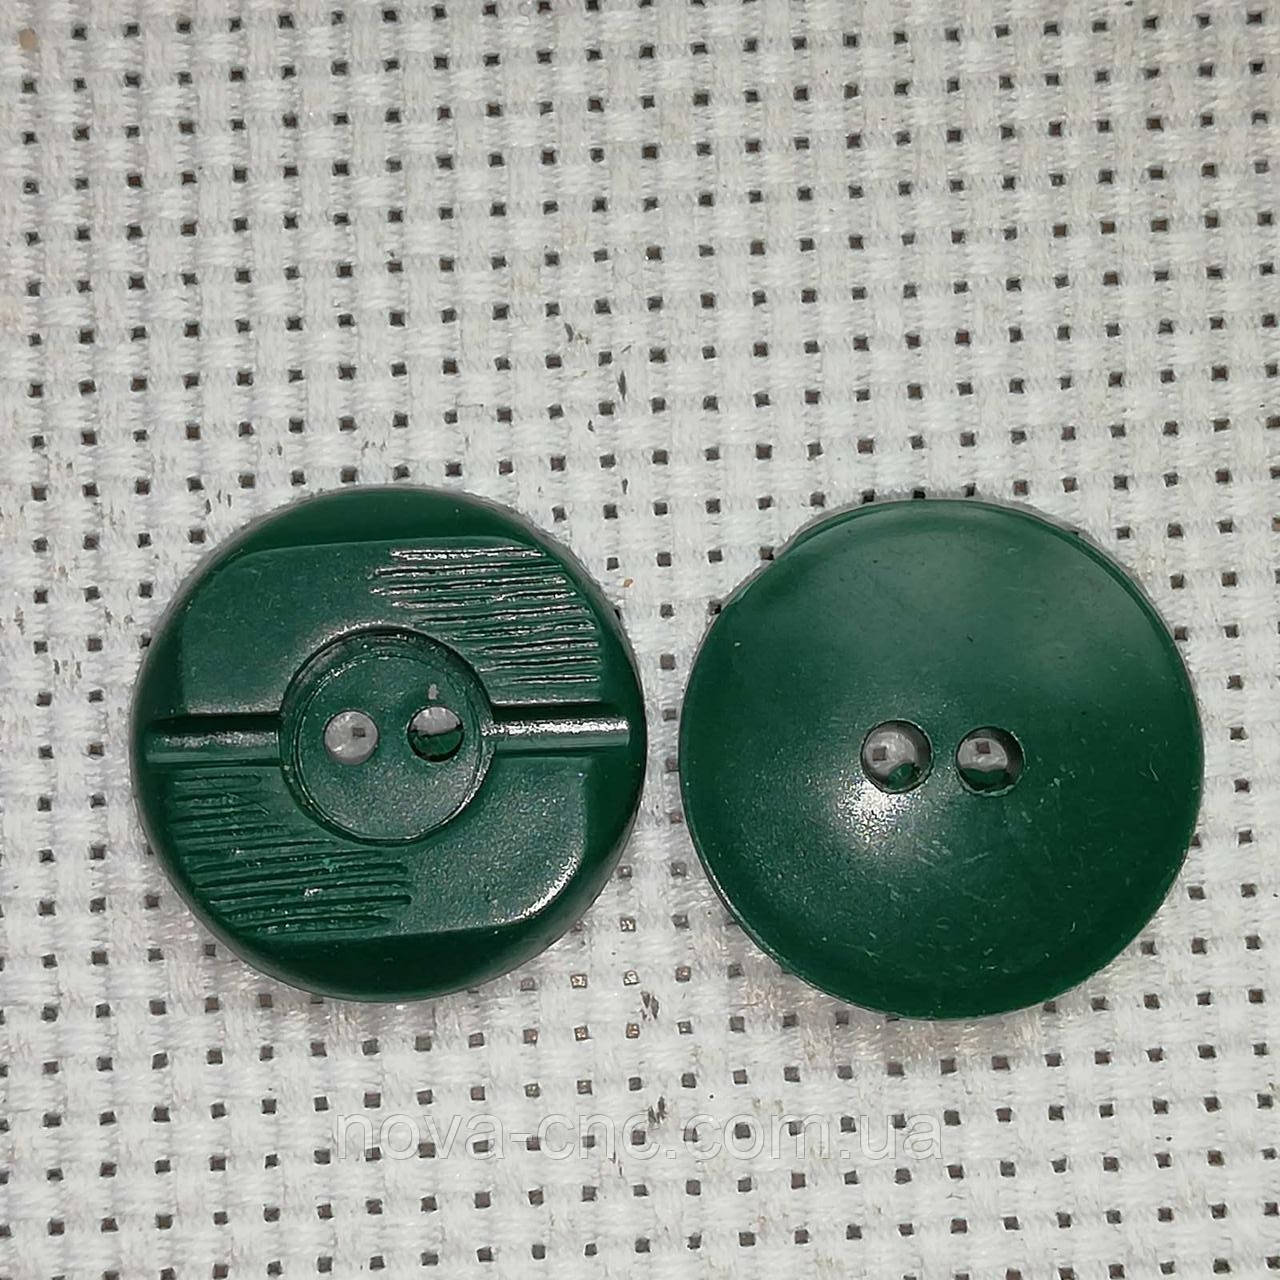 Пуговицы  пластмассовые 22 мм Цвет зеленый Упаковка примерно 160 штук